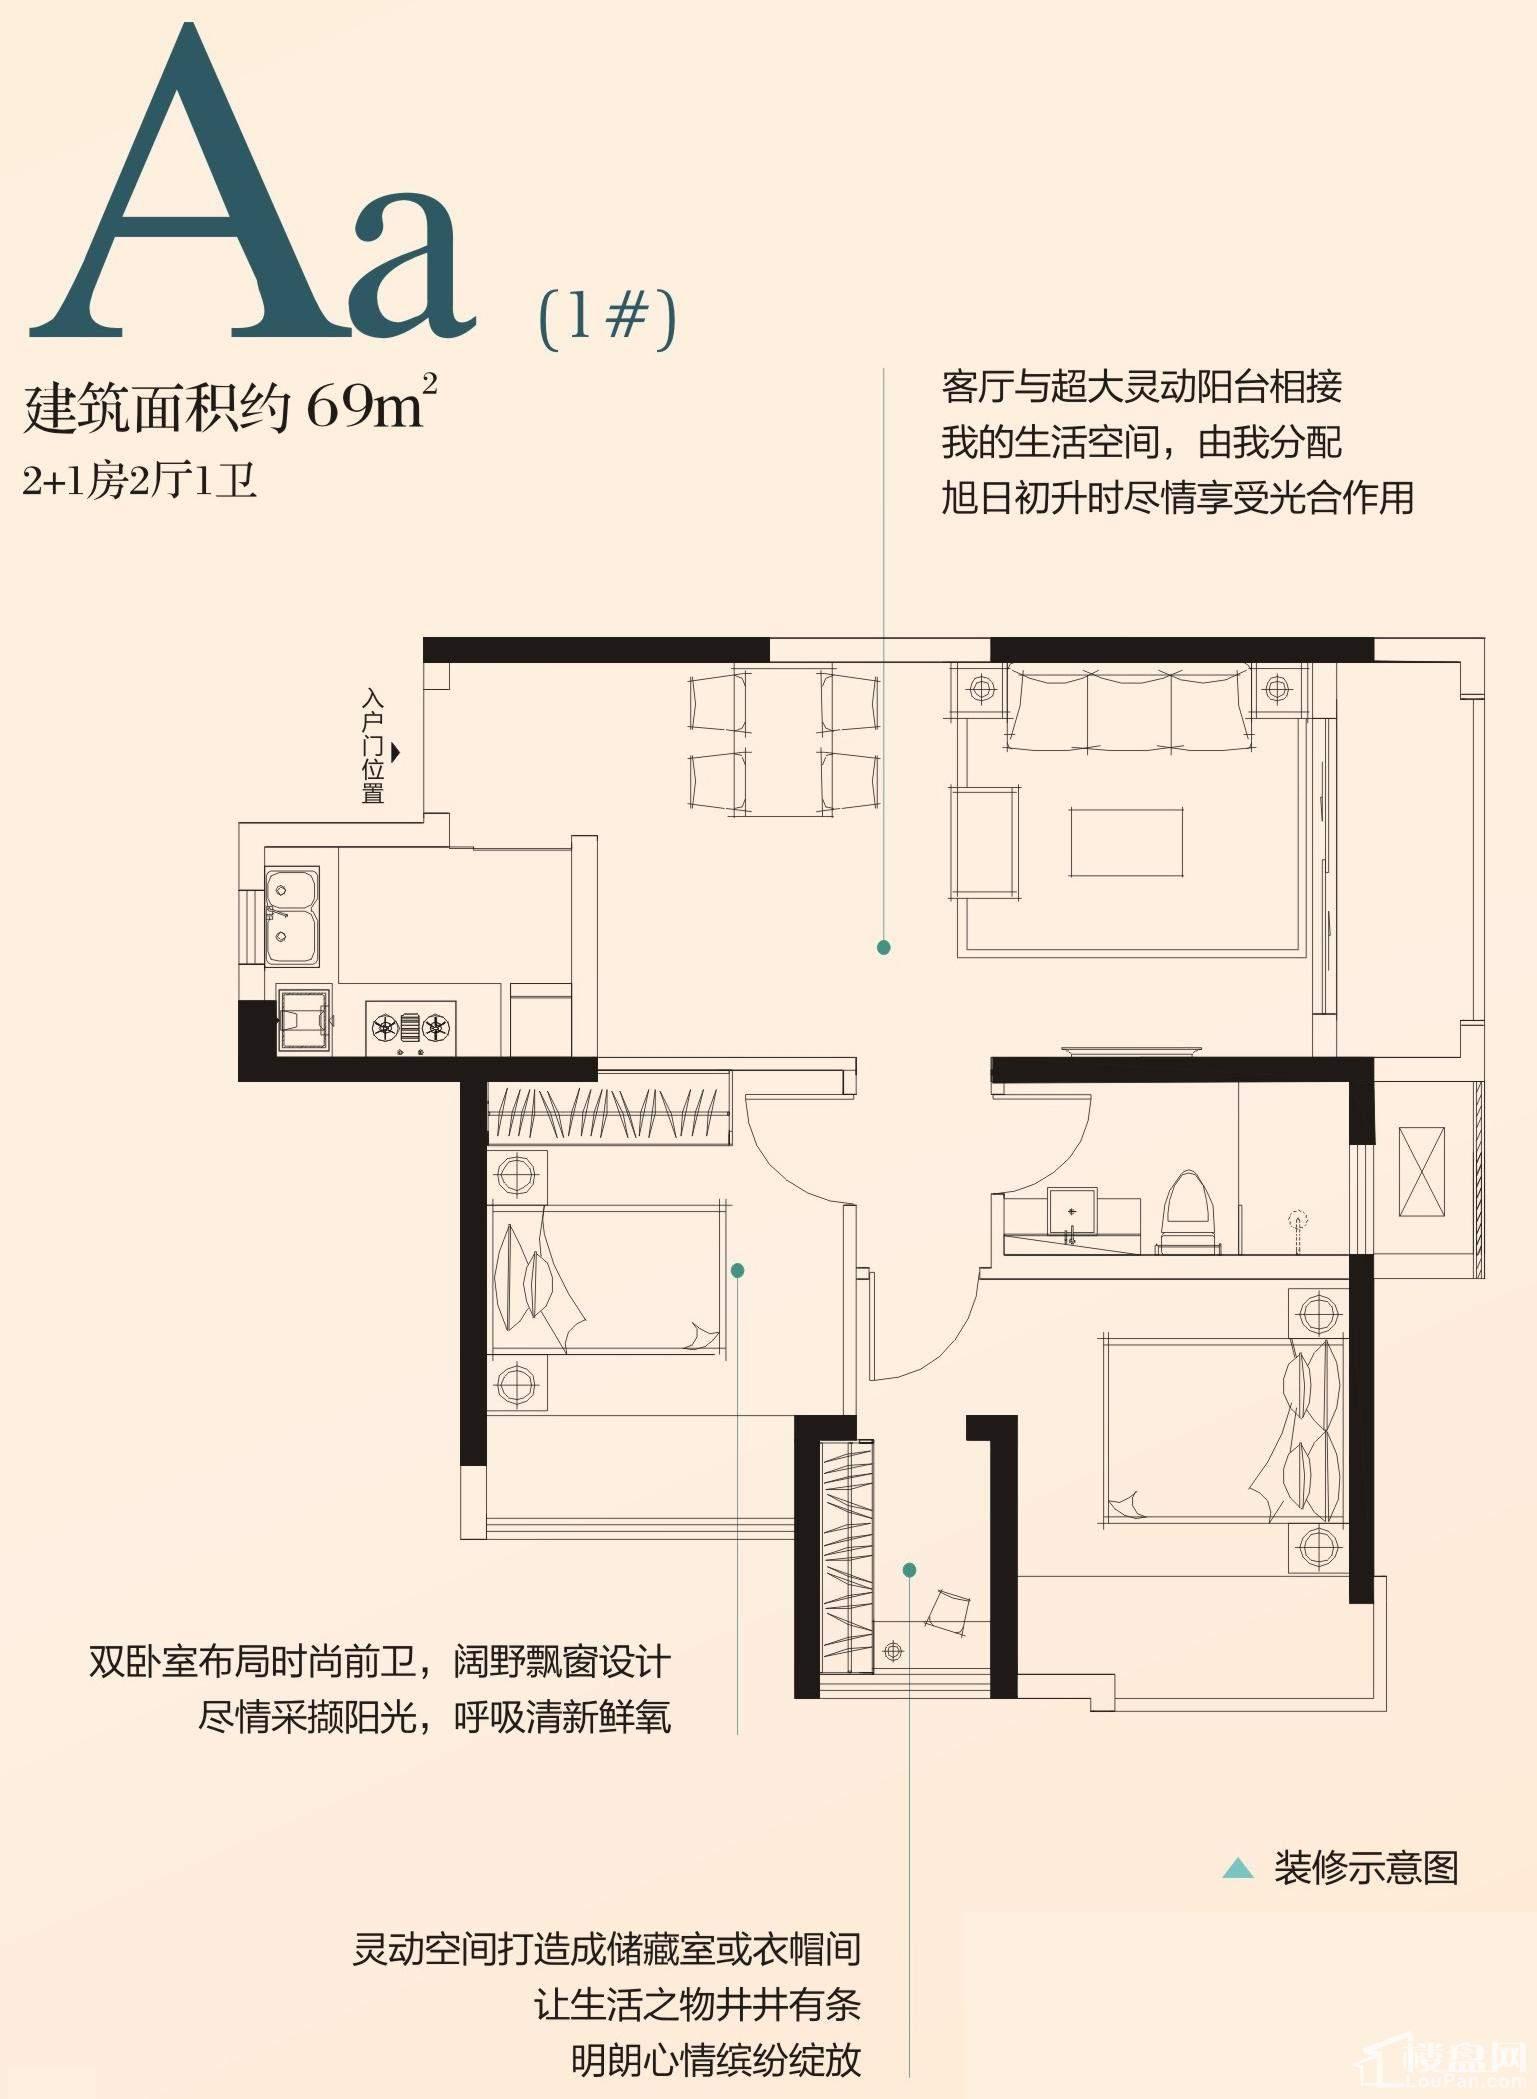 Aa户型(1#)